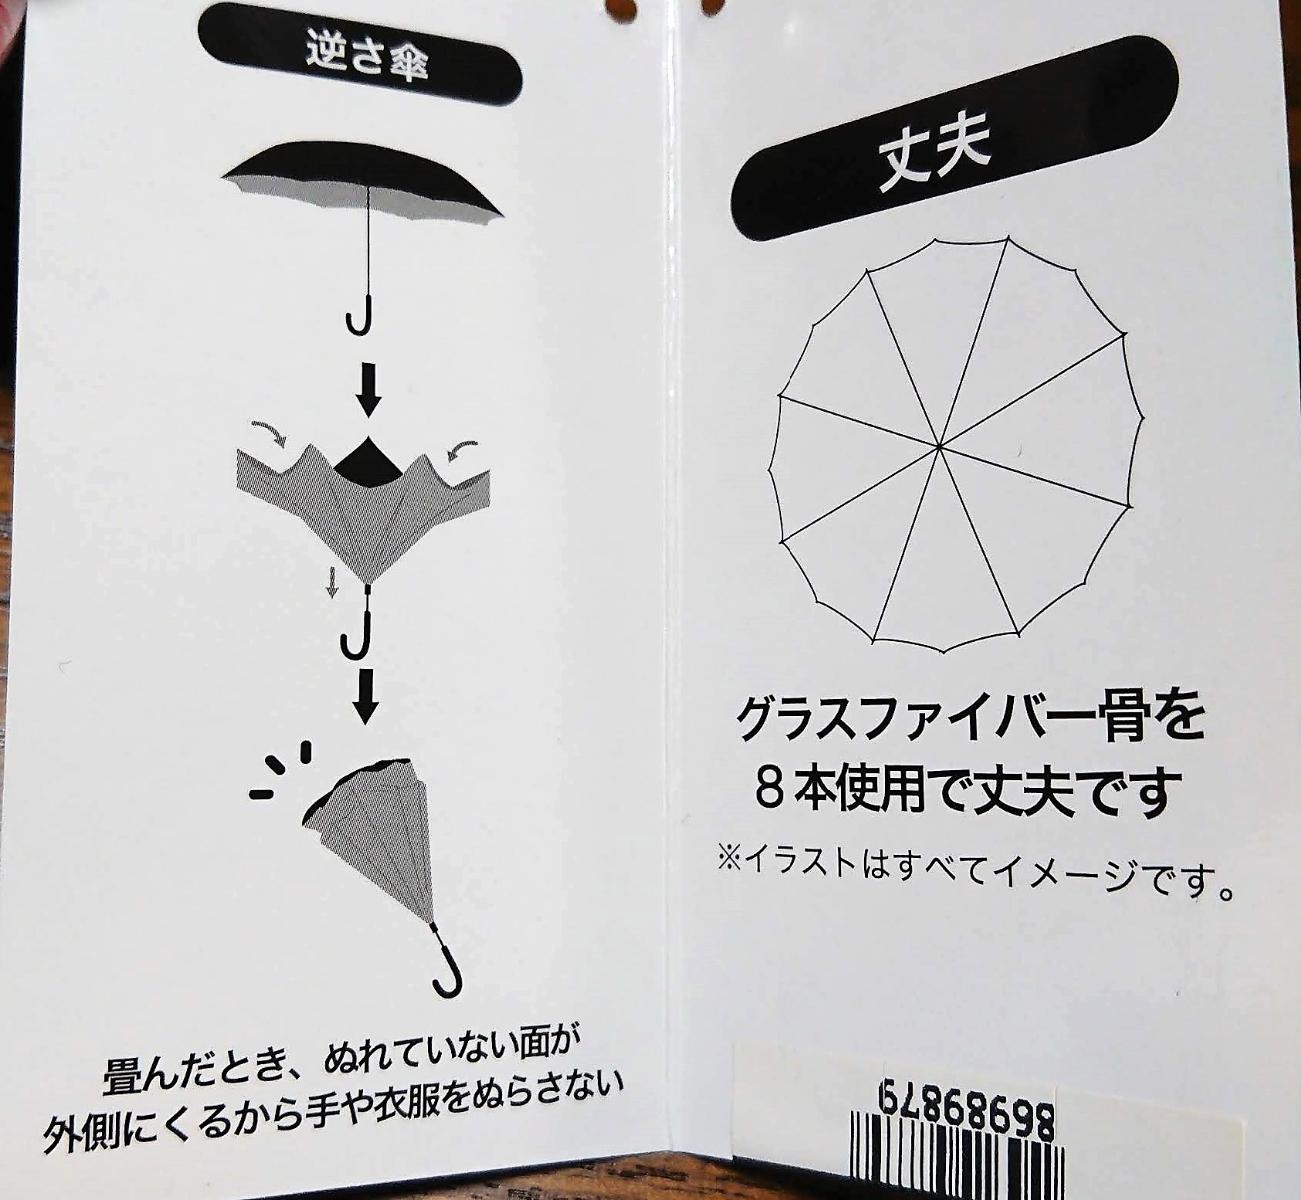 ニトリ 逆さ 傘 Fkstyle 逆さ傘を全15商品と比較!口コミや評判を実際に使ってレビューしました!